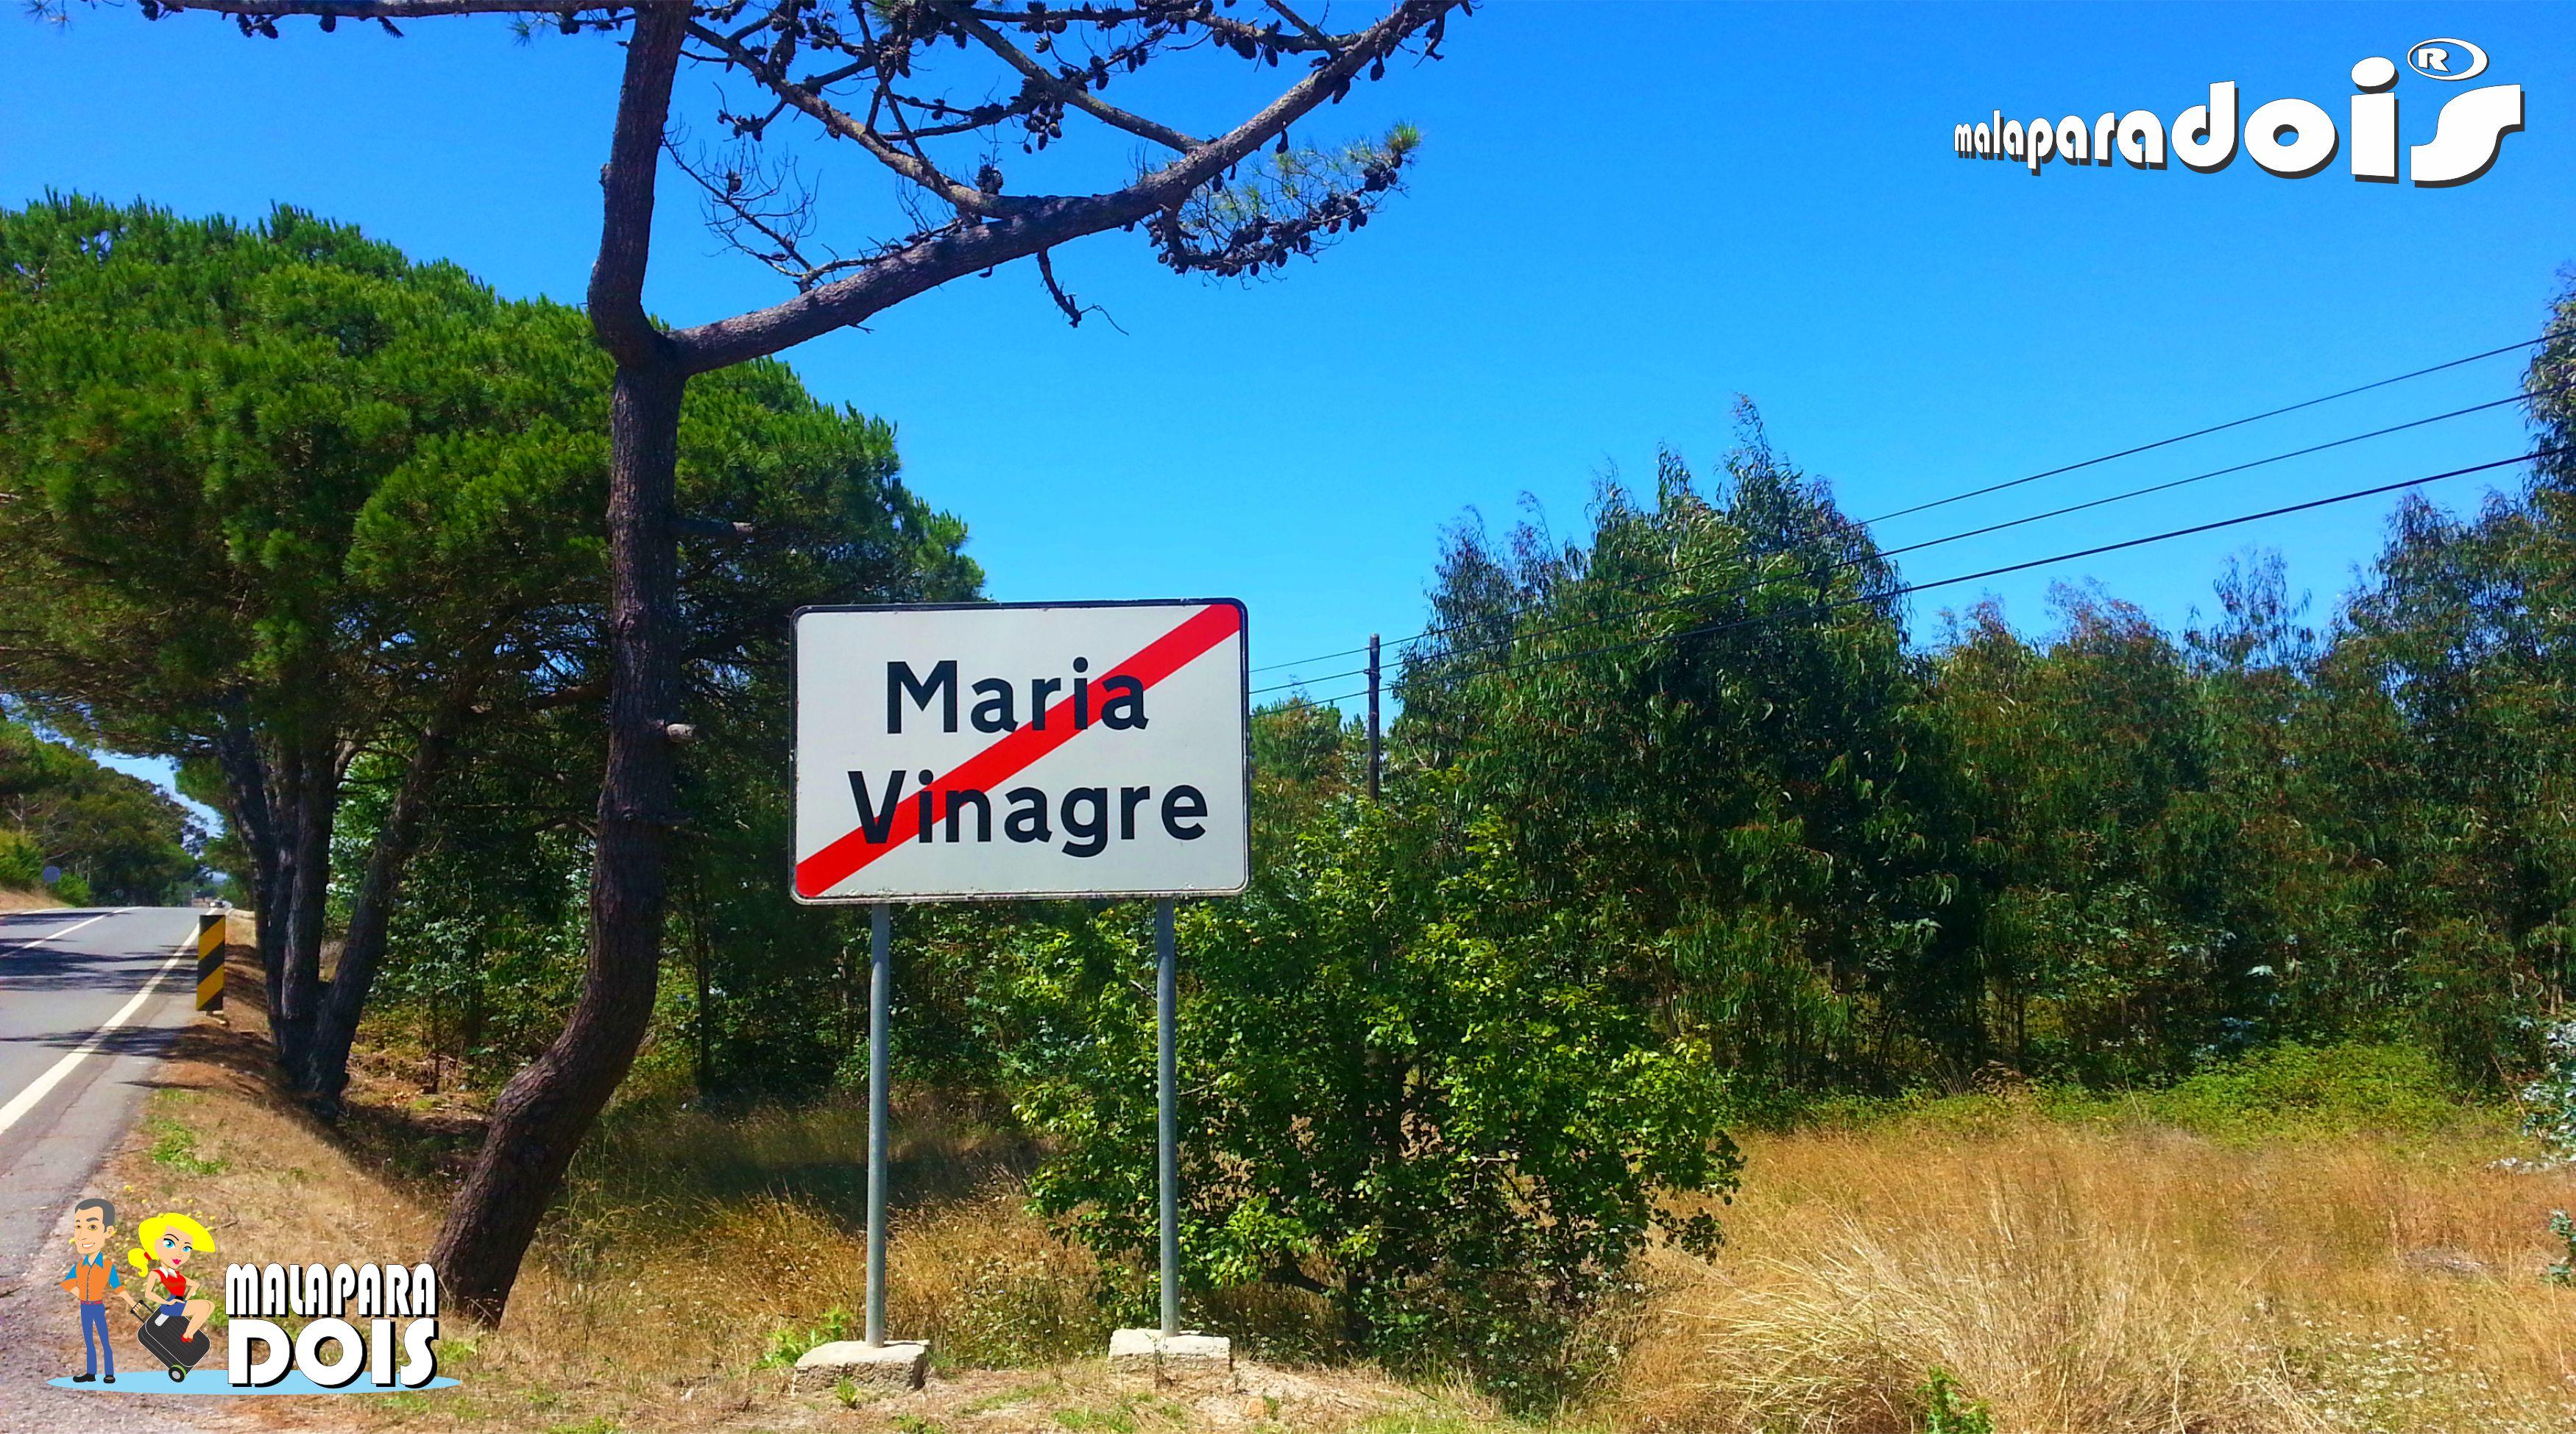 Maria Vinagre